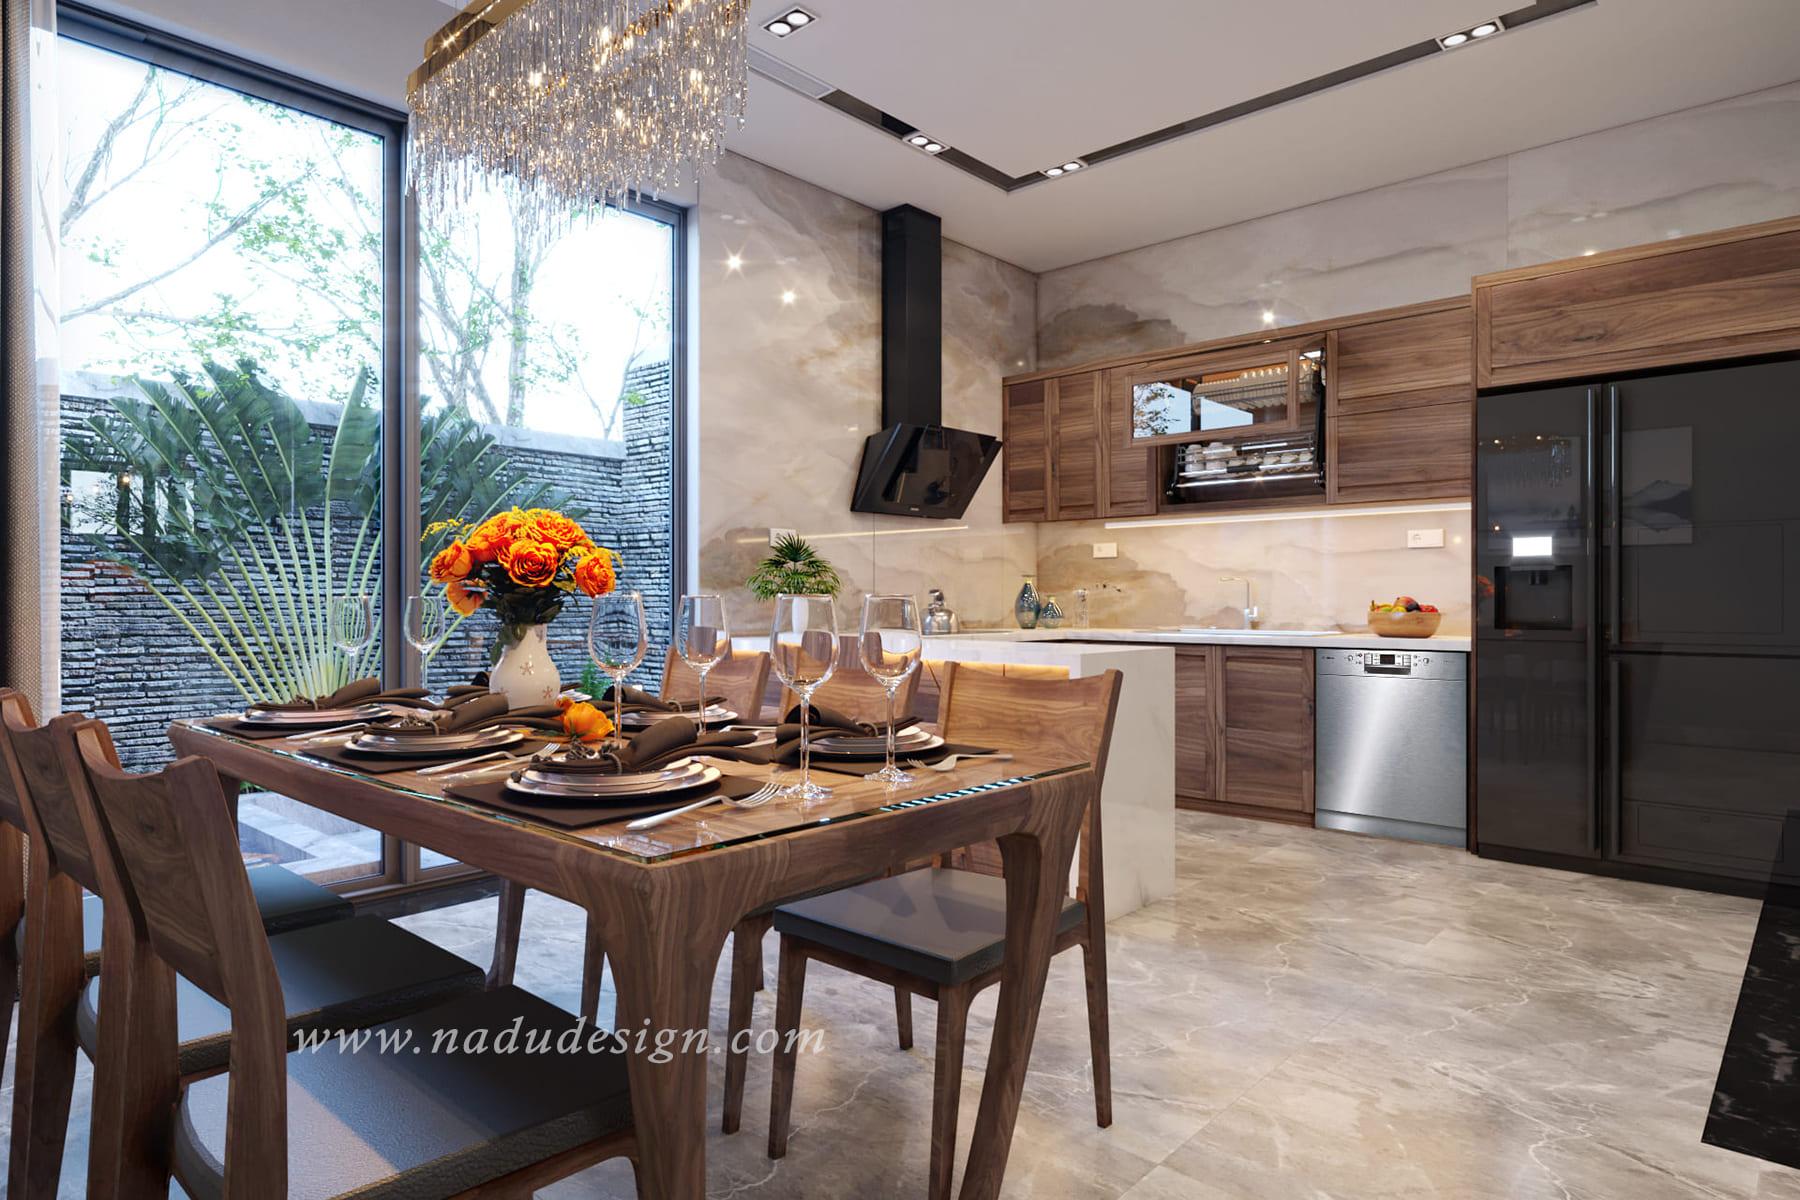 thiết kế nội thất biệt thự phòng bếp